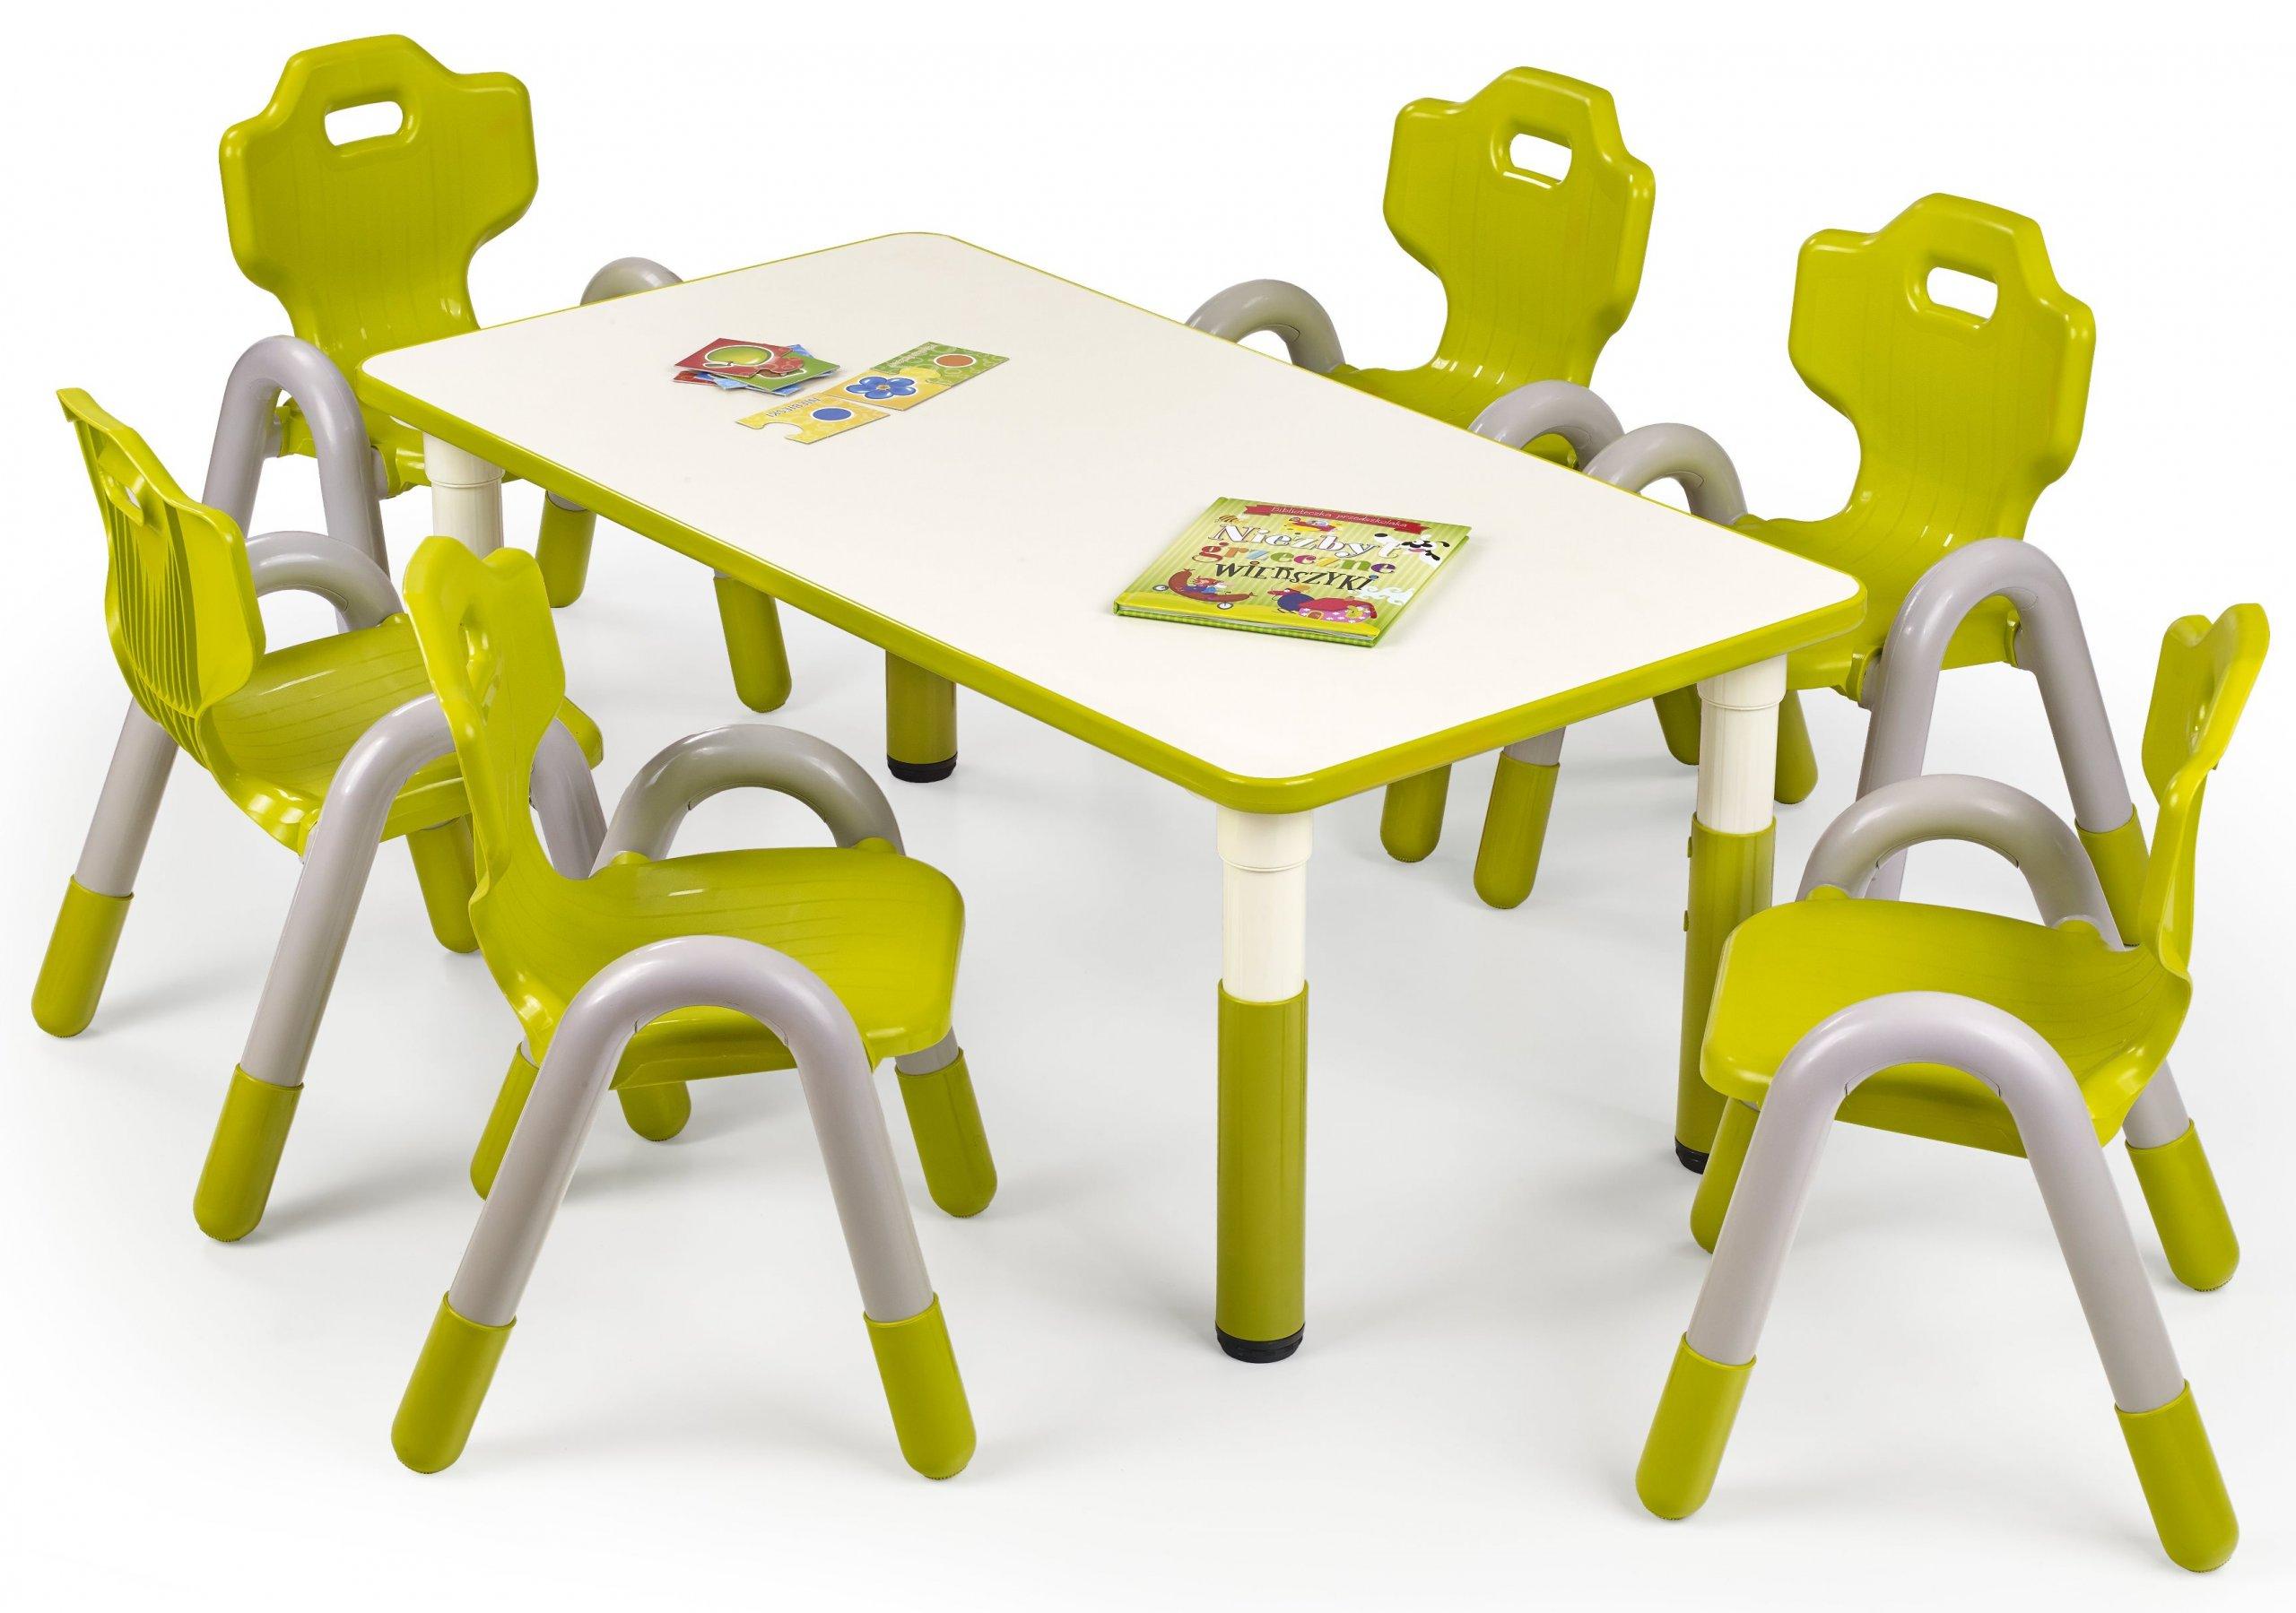 Stół Regulowany Dla Dziecka Stoły Simba Stoliki 6493899163